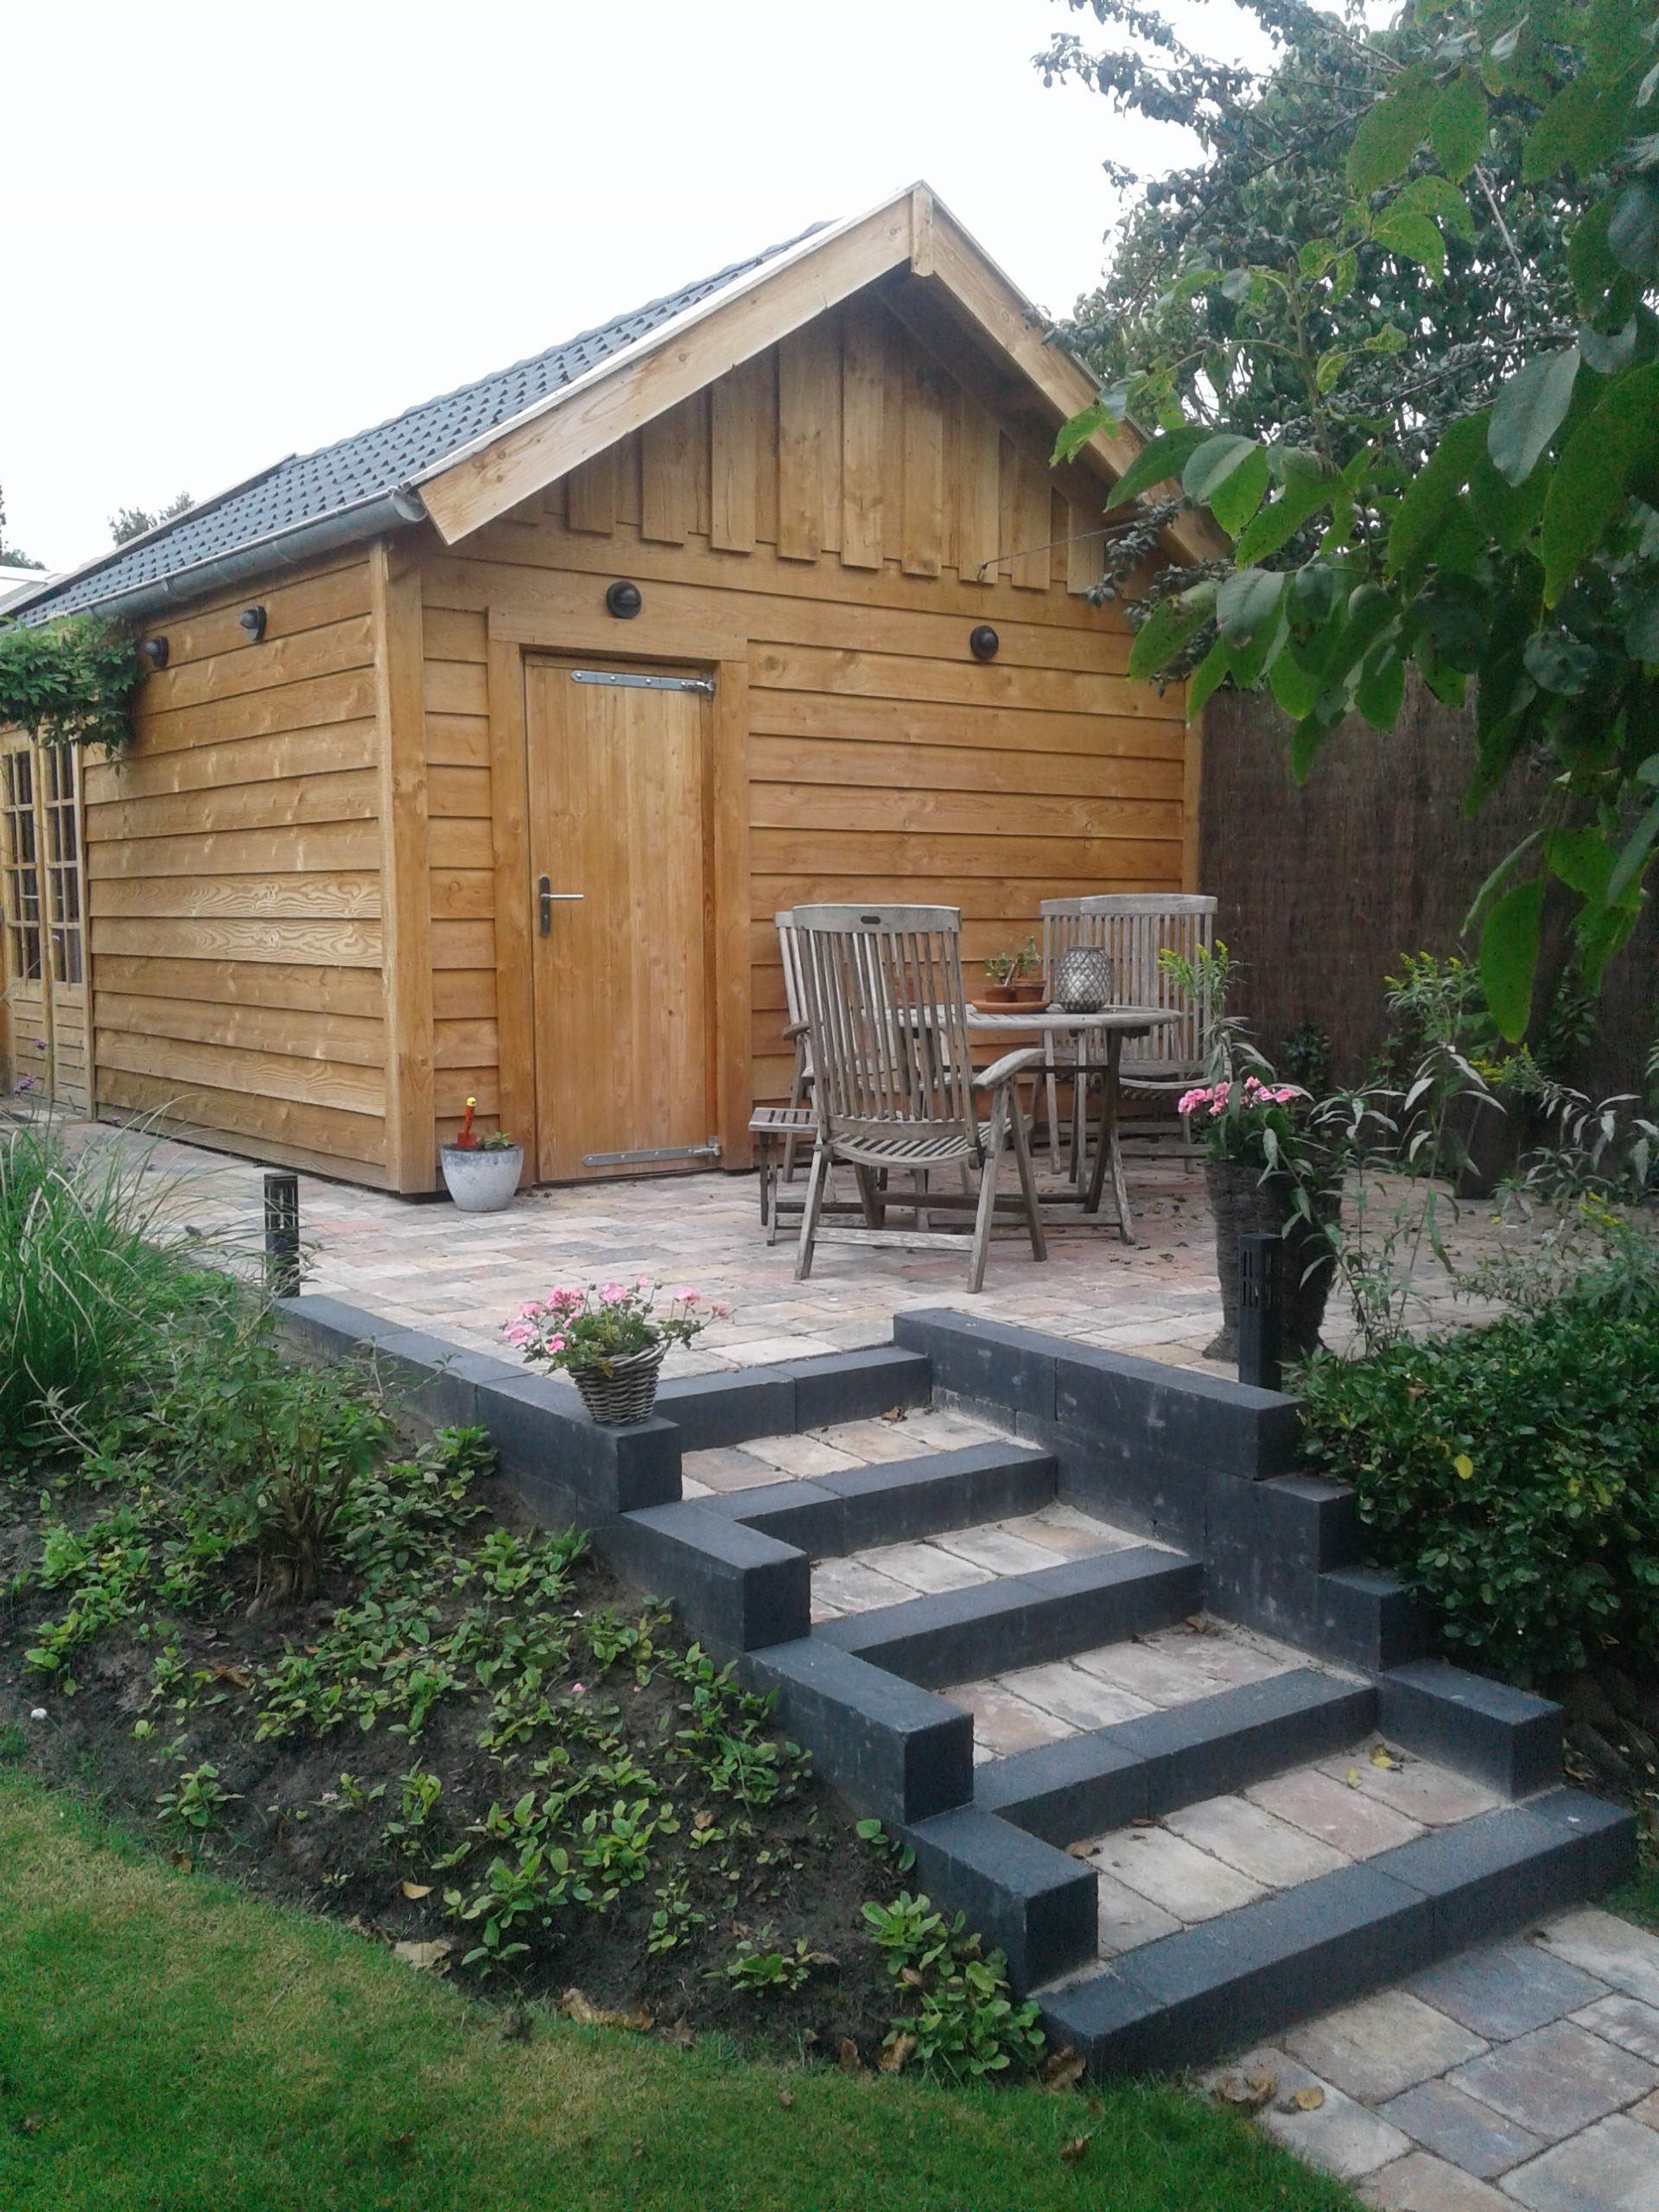 Tuinaanleg en houtbouw omgeving Emmen